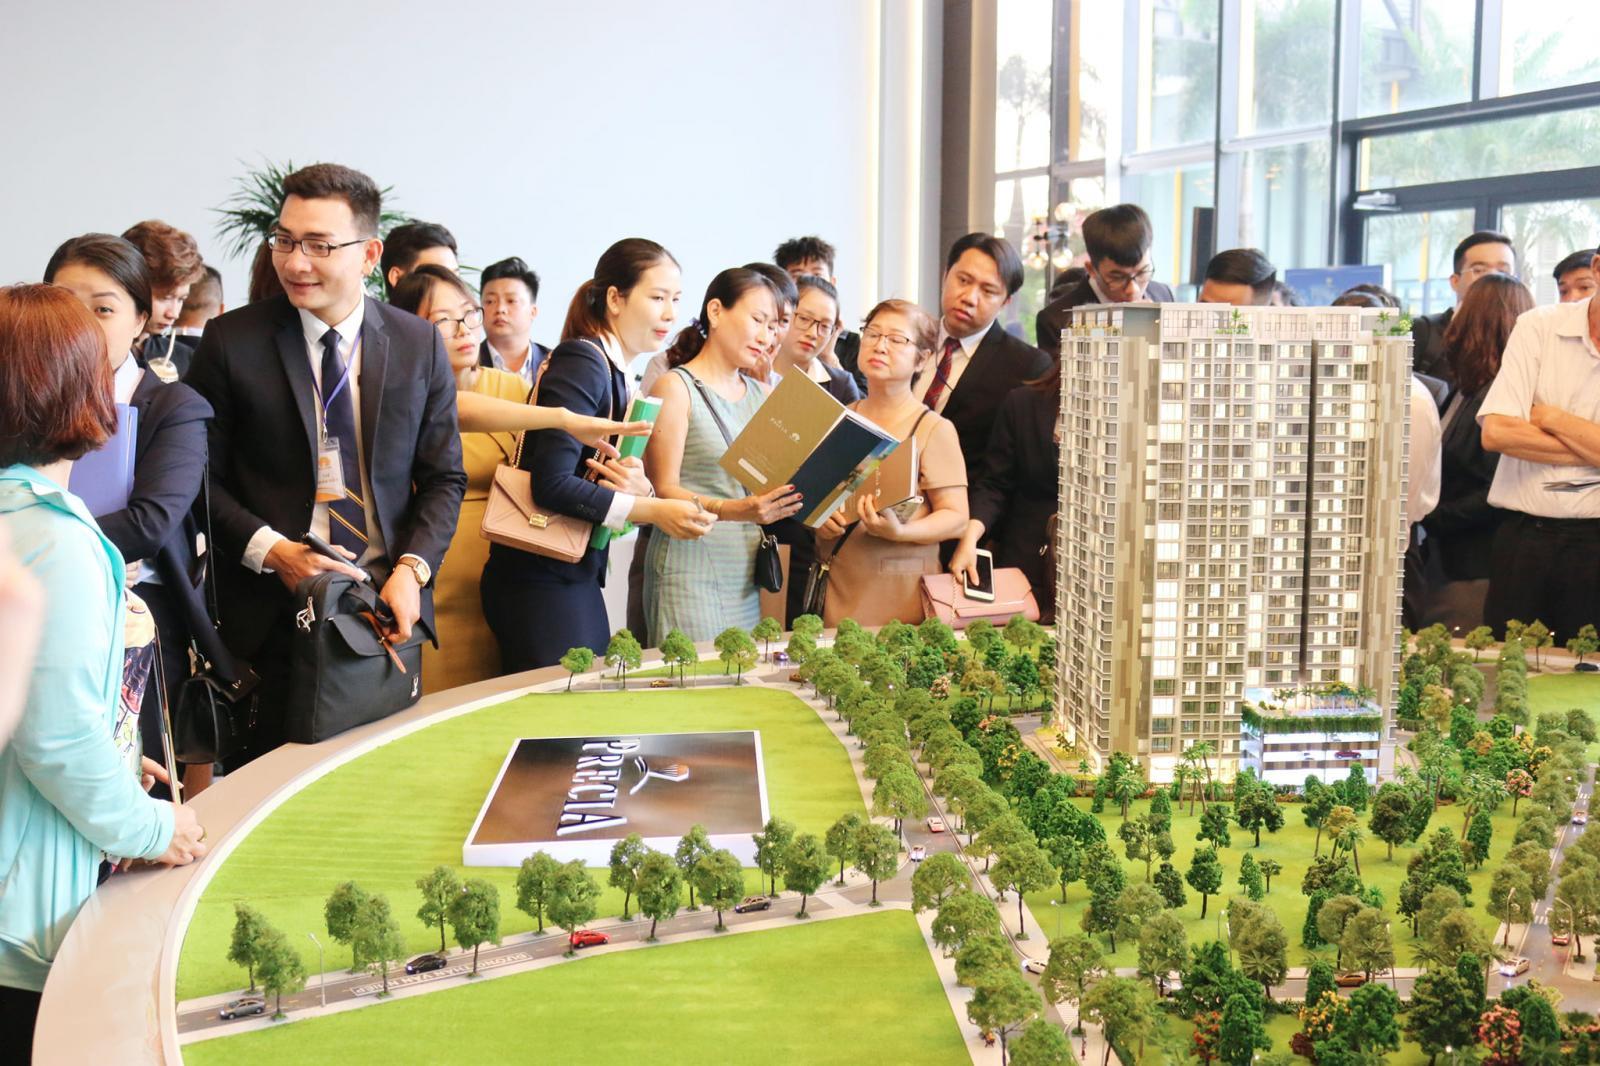 hình ảnh khách hàng tham gia giao dịch căn hộ tại TP.HCM